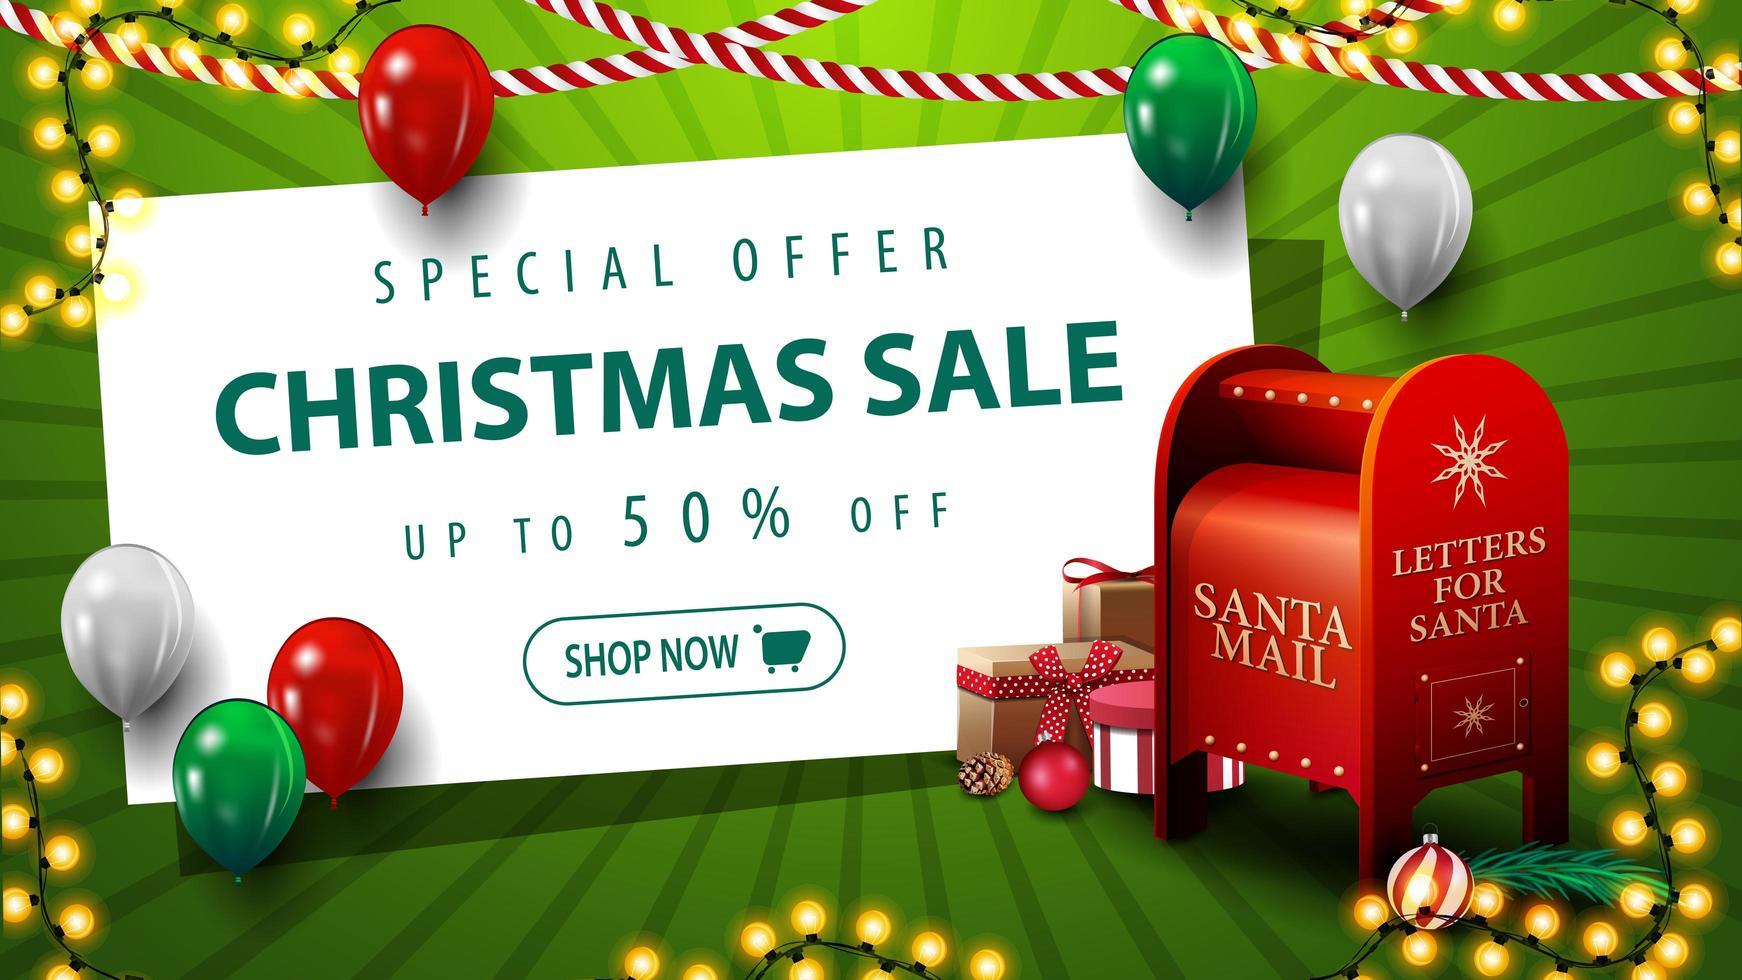 specialerbjudande, julförsäljning, upp till 50 rabatt, grön rabattbanner med ballonger, krans, vitbok och santa brevlåda med presenter vektor